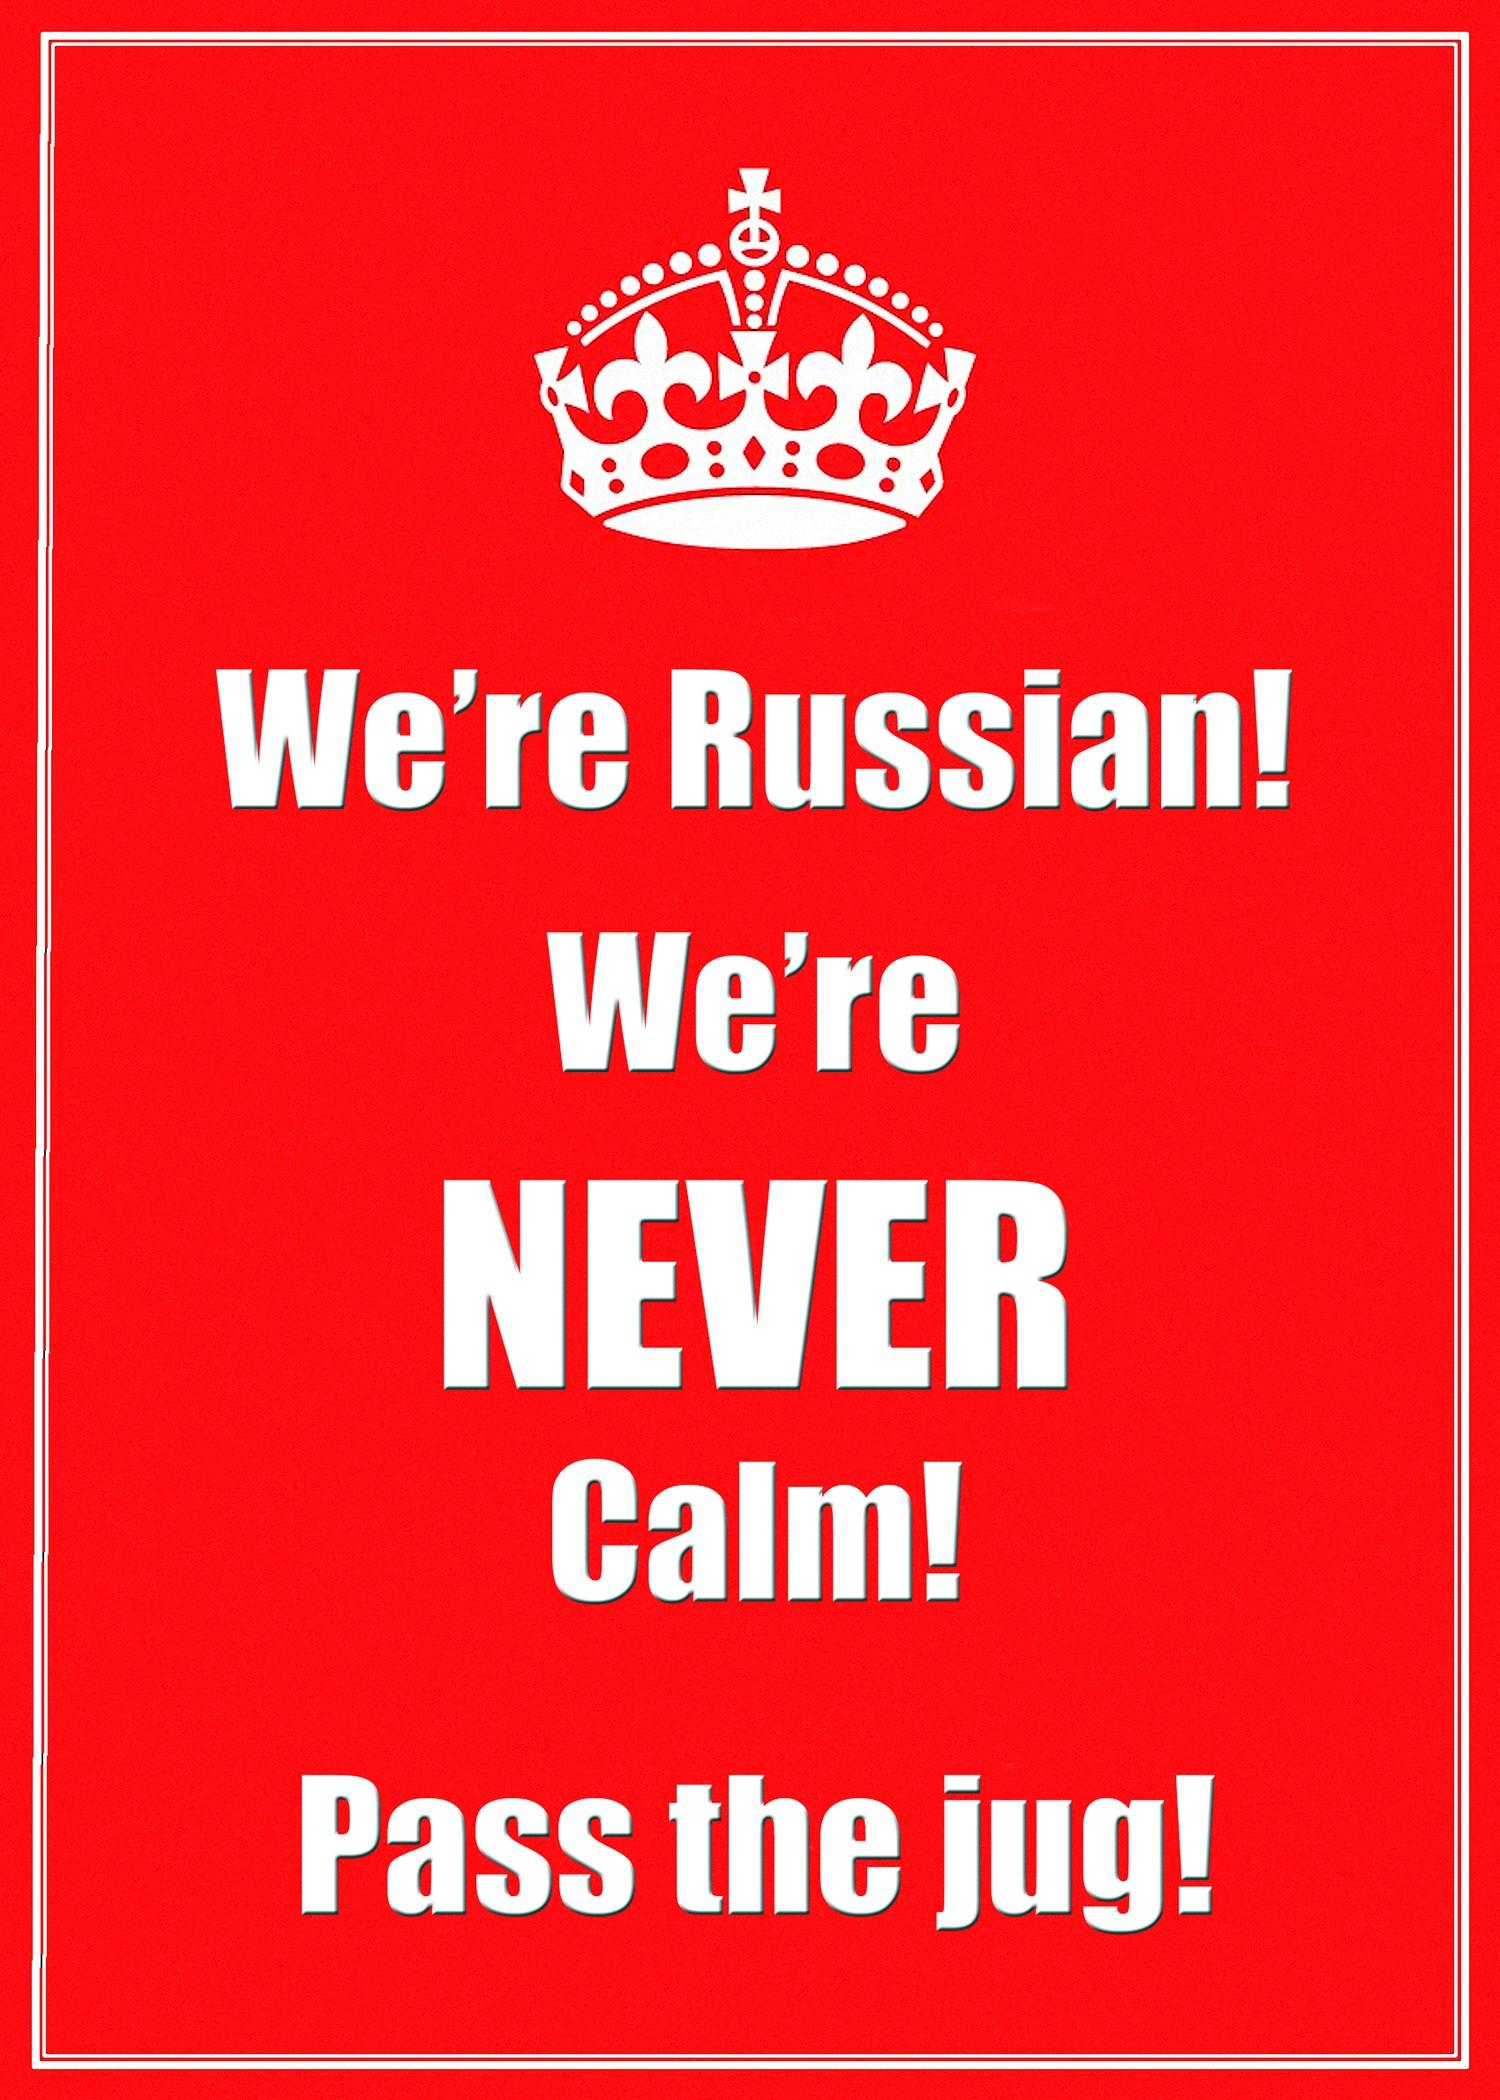 00 I'm Russian. 030516